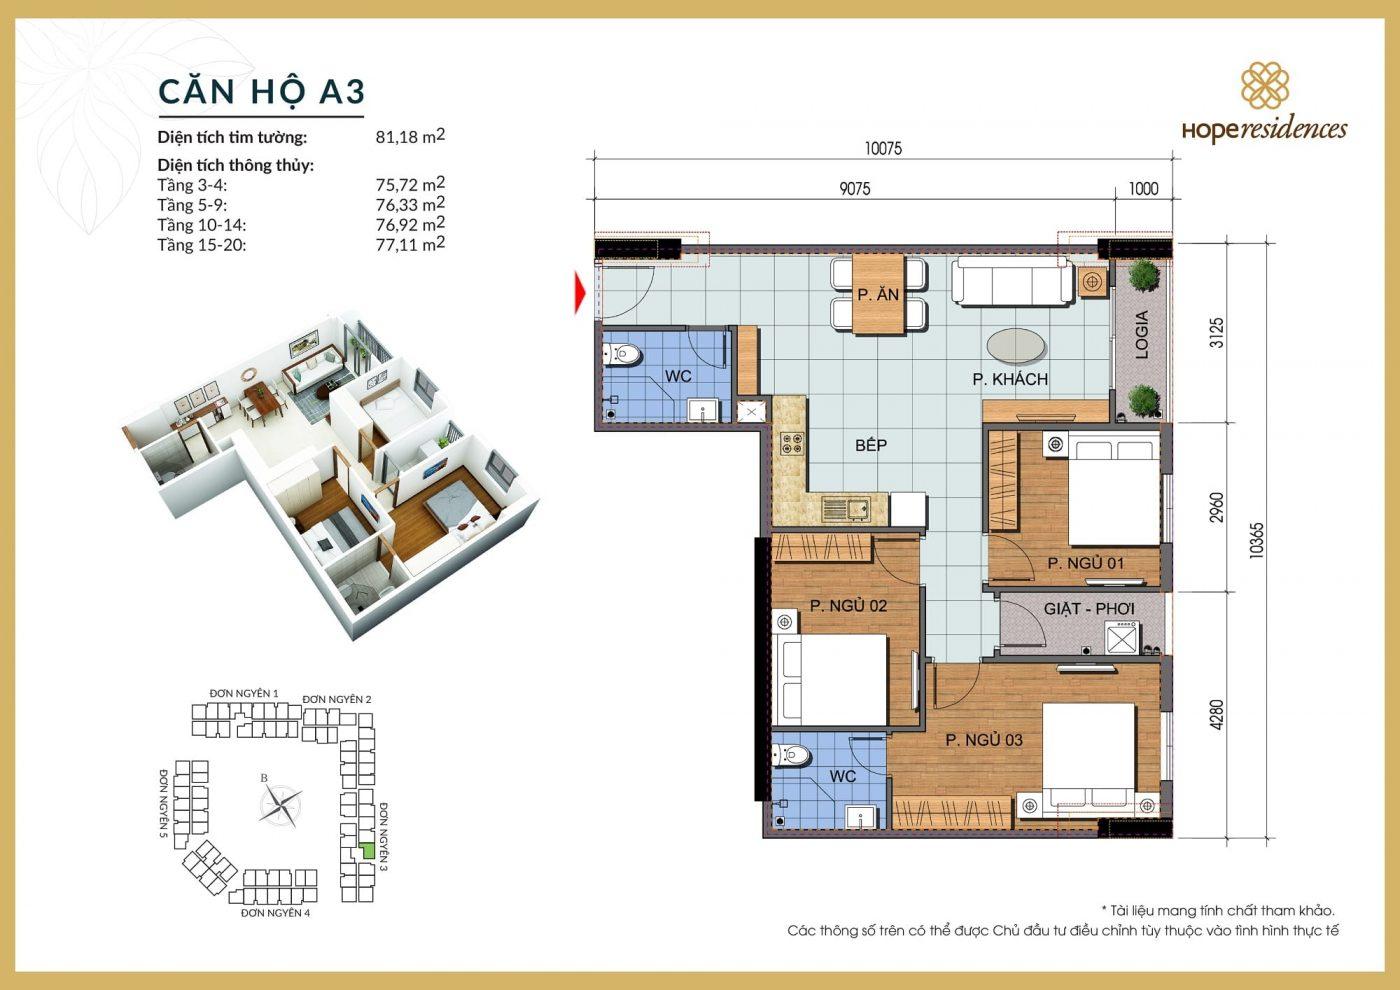 mat bang thiet ke can ho a3 hope residences